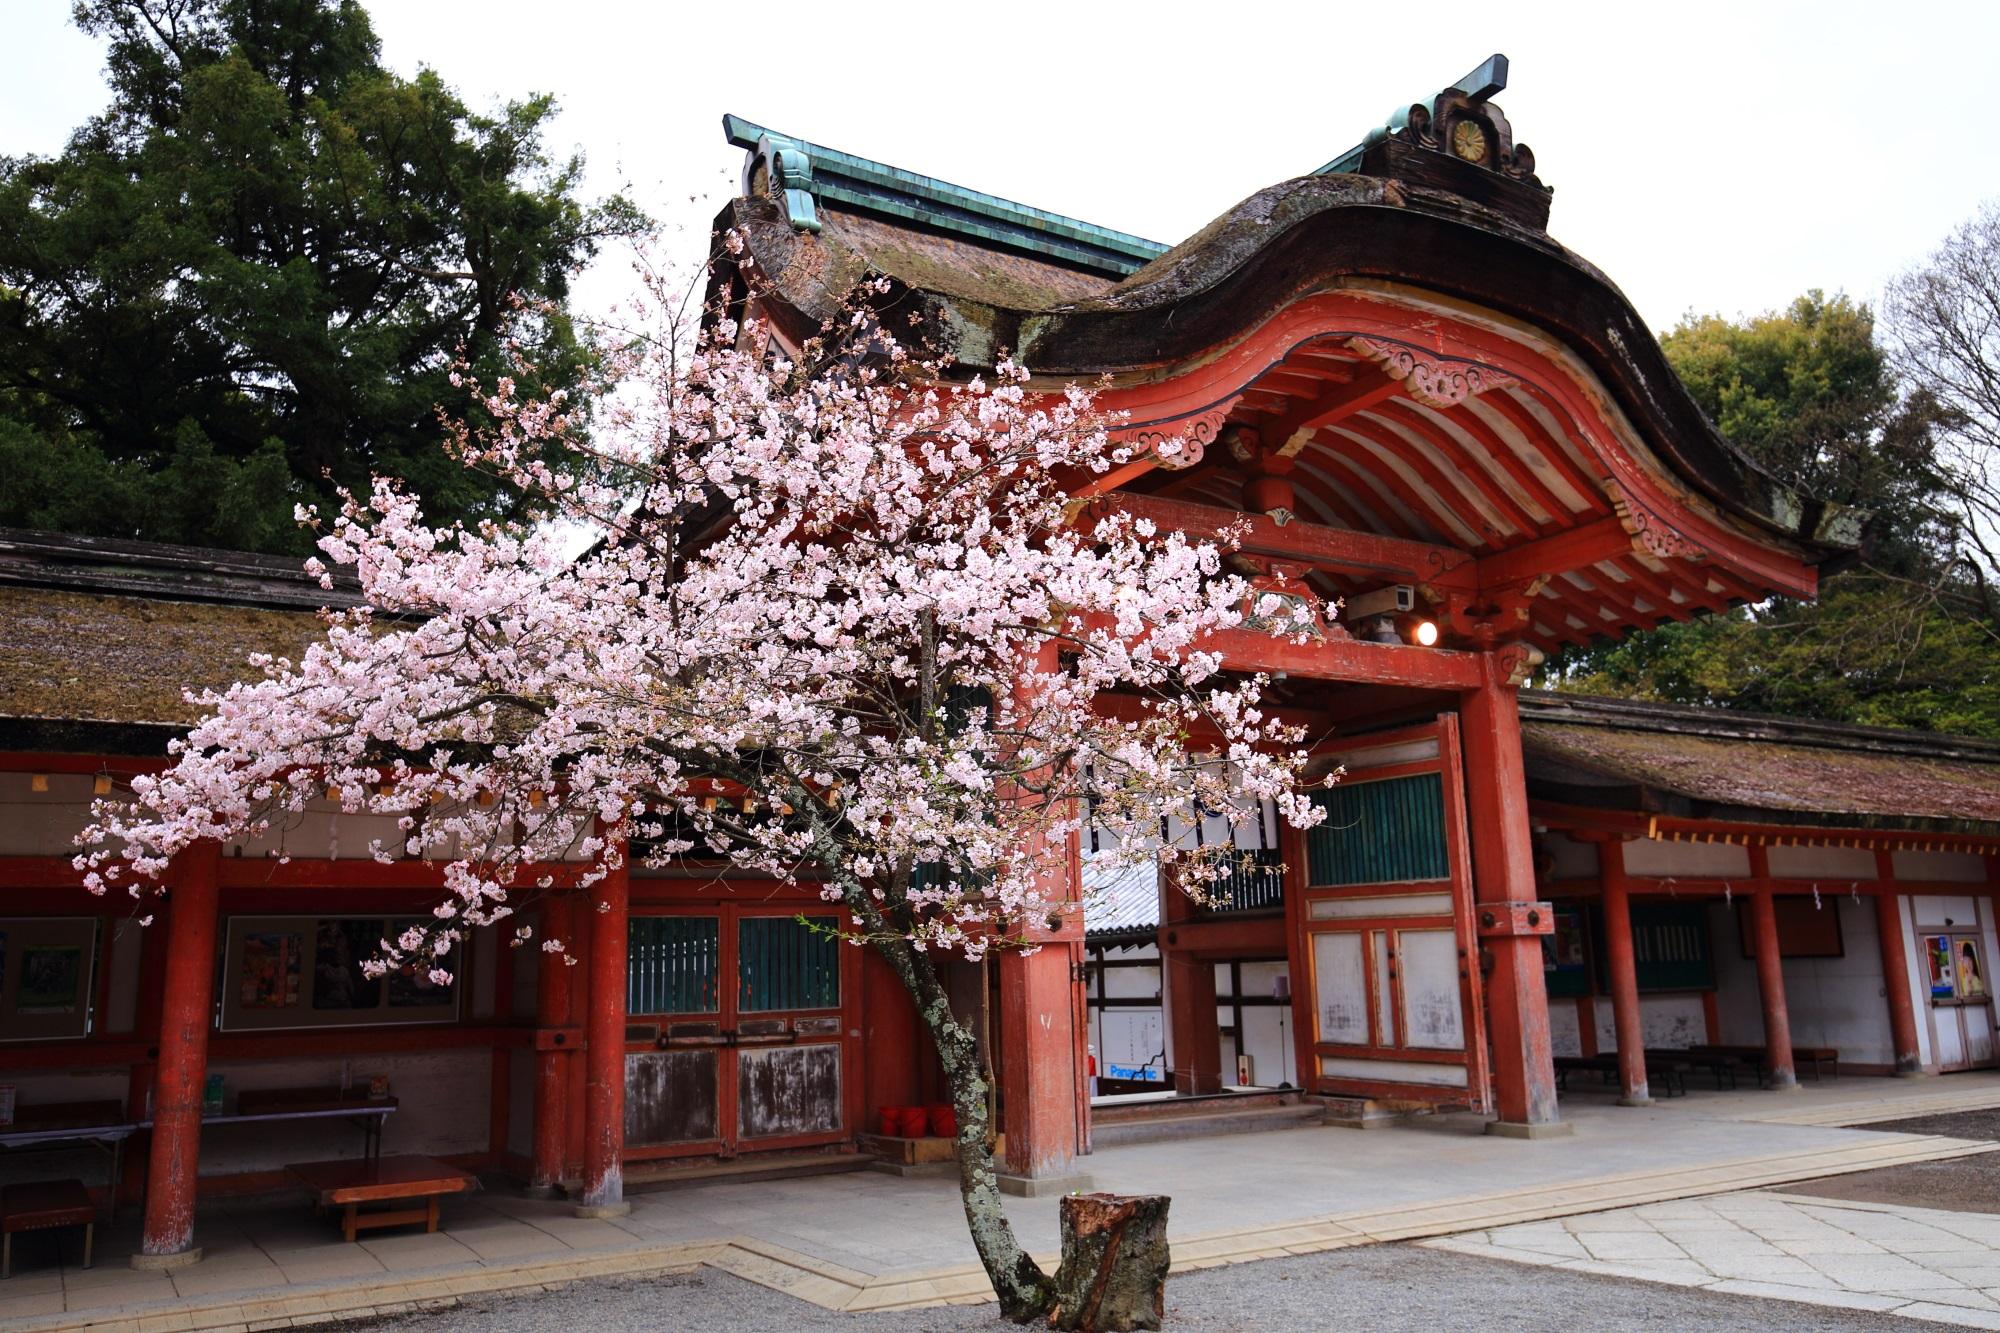 朱色の南総門をピンクに染める桜